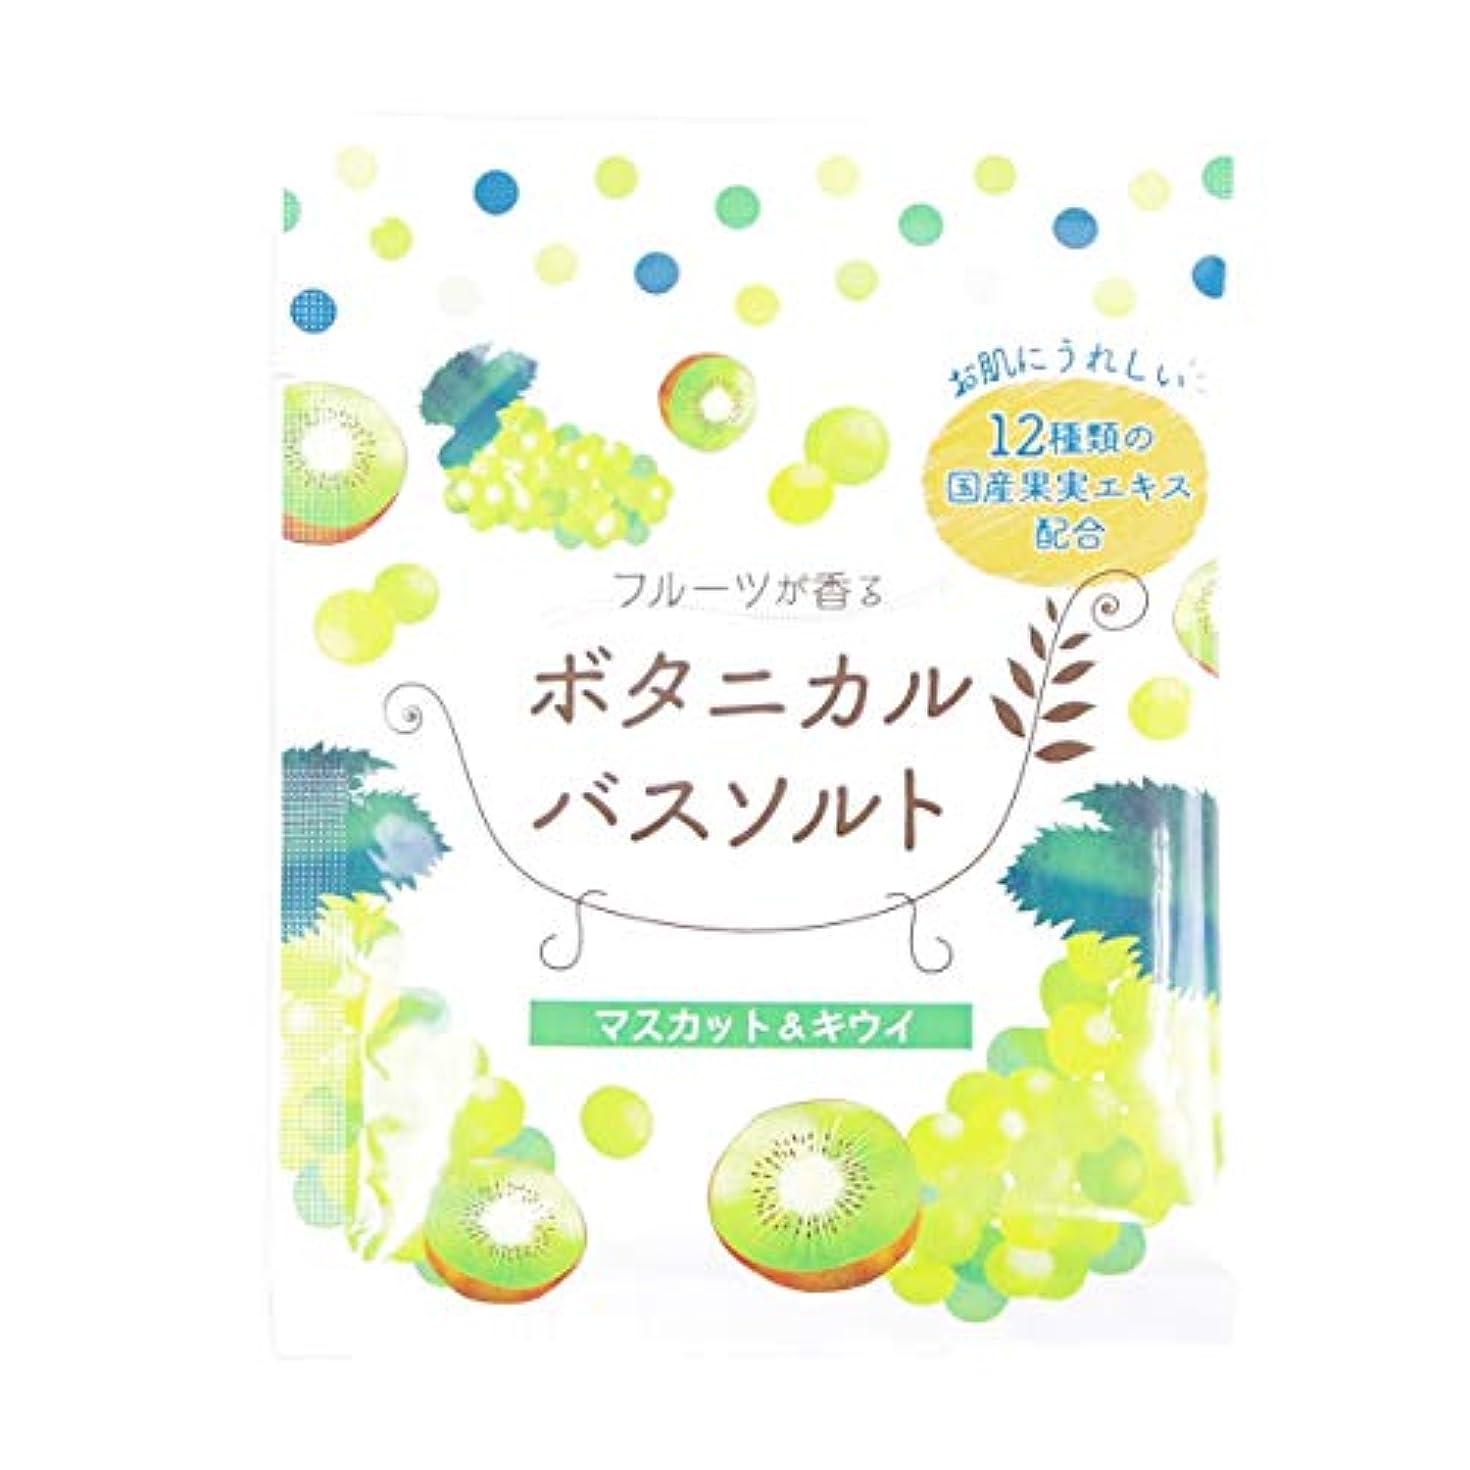 サーマル暴力理論松田医薬品 フルーツが香るボタニカルバスソルト マスカット&キウイ 30g